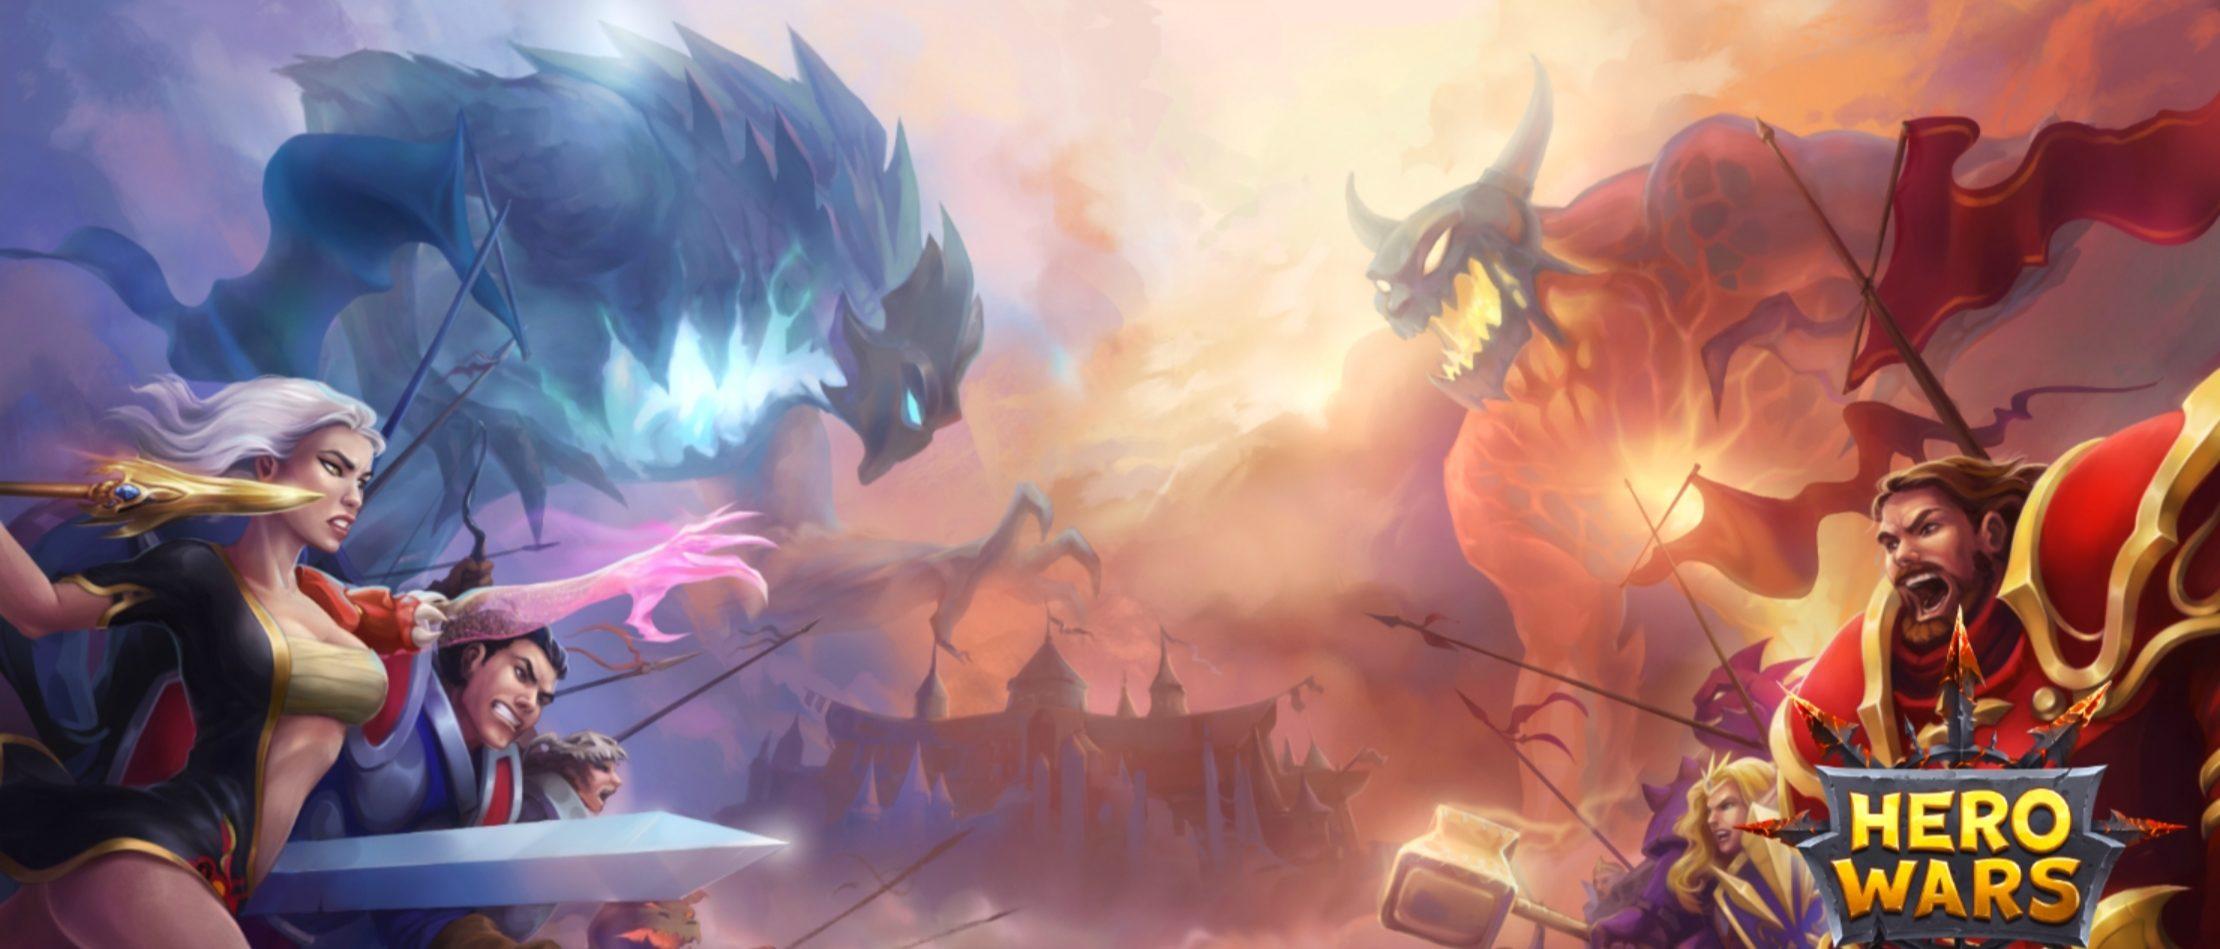 【初心者向け】Hero wars(ヒーローウォーズ/アプリ)のレベル上げのコツ・スキル・ギルドについて解説!